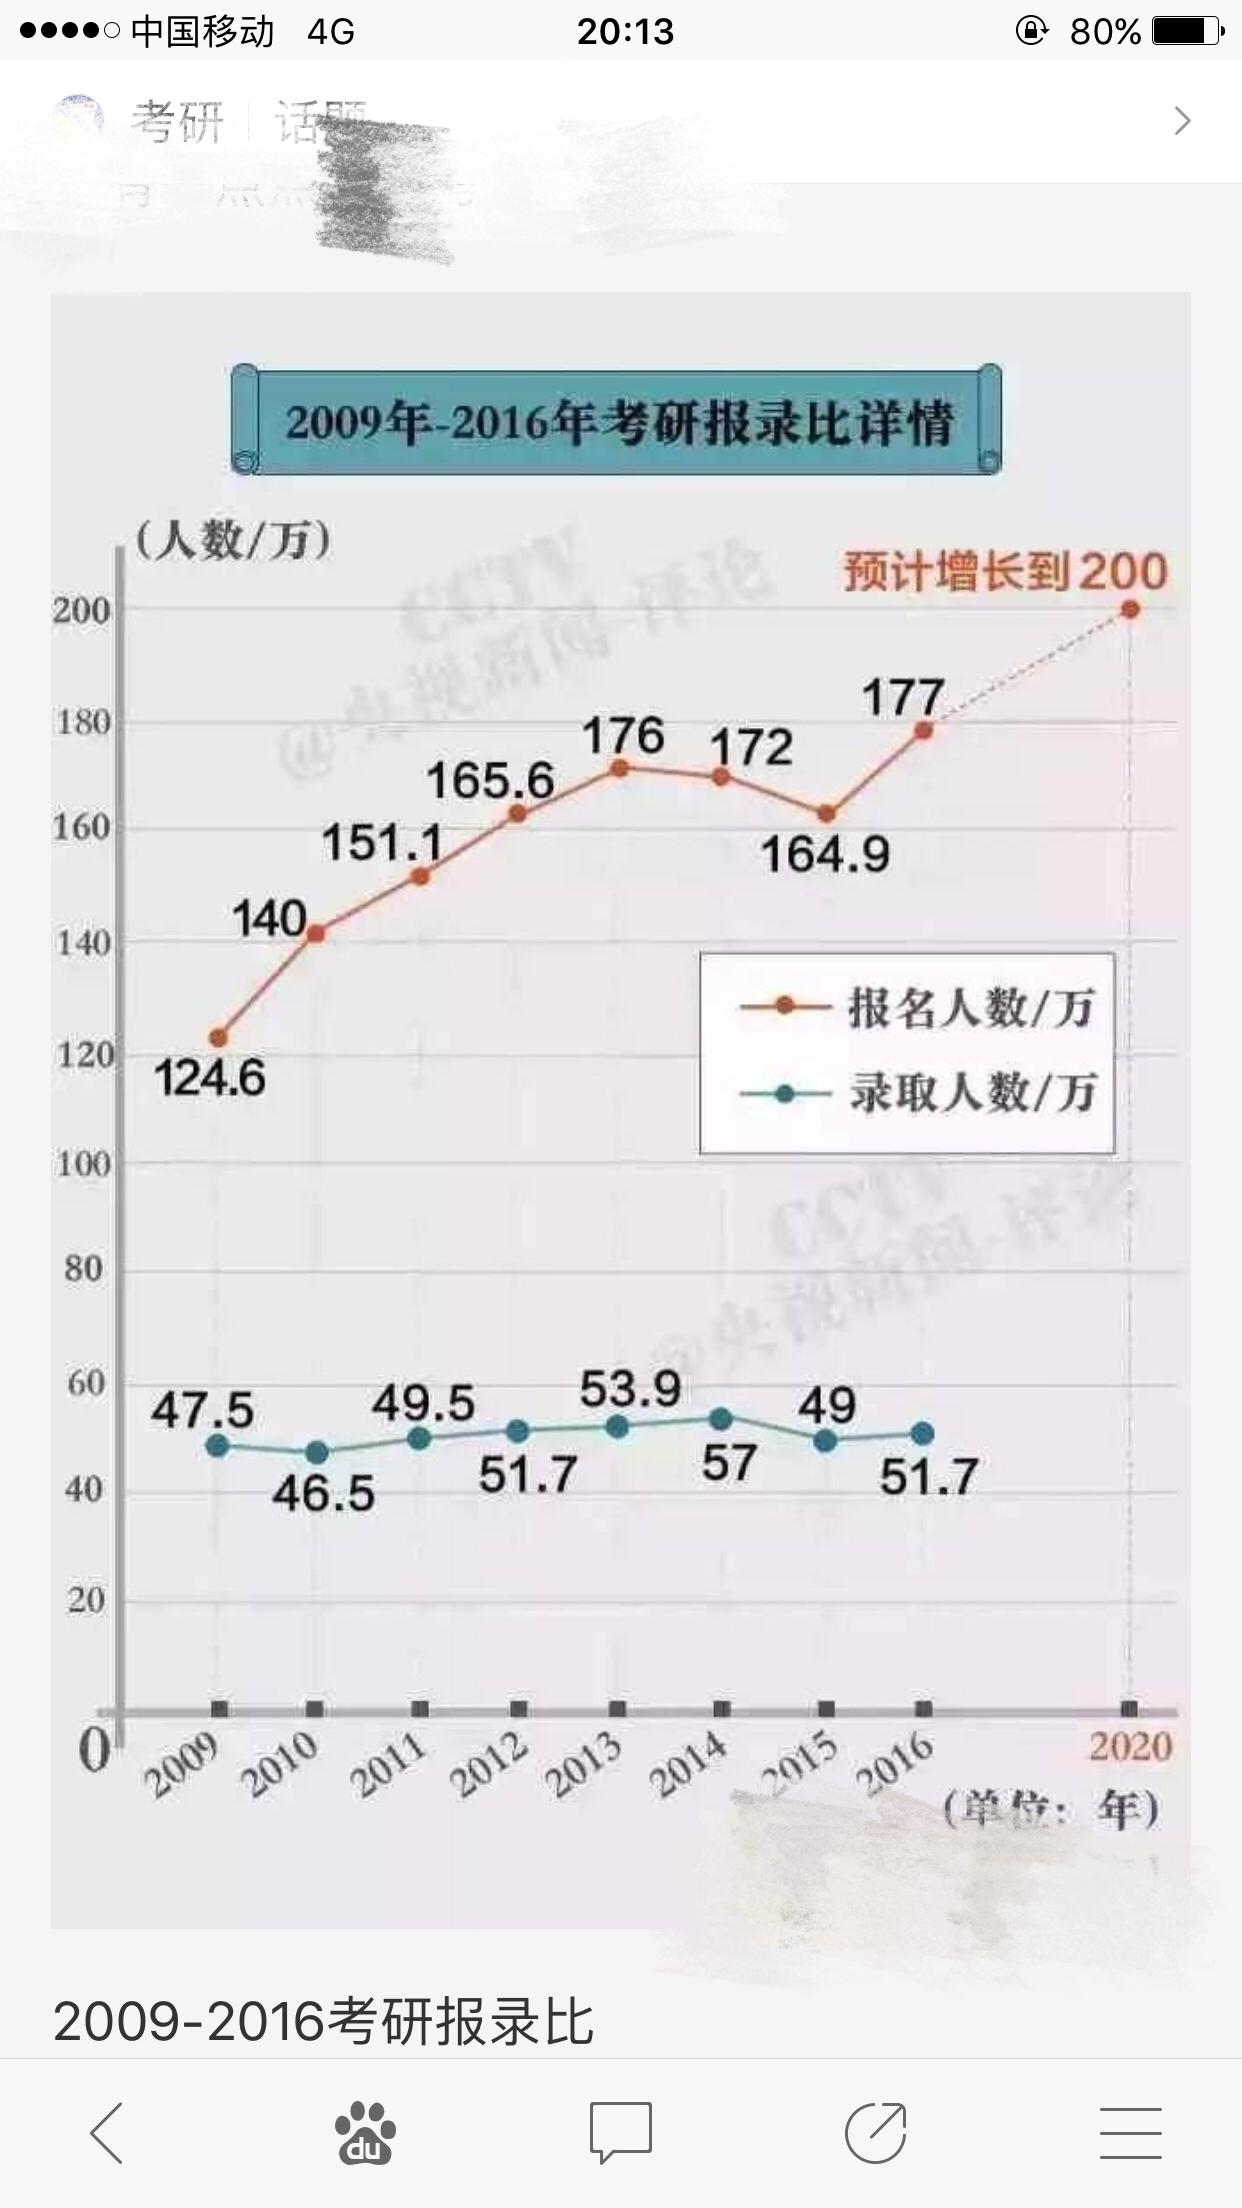 2009-2016考研报录比